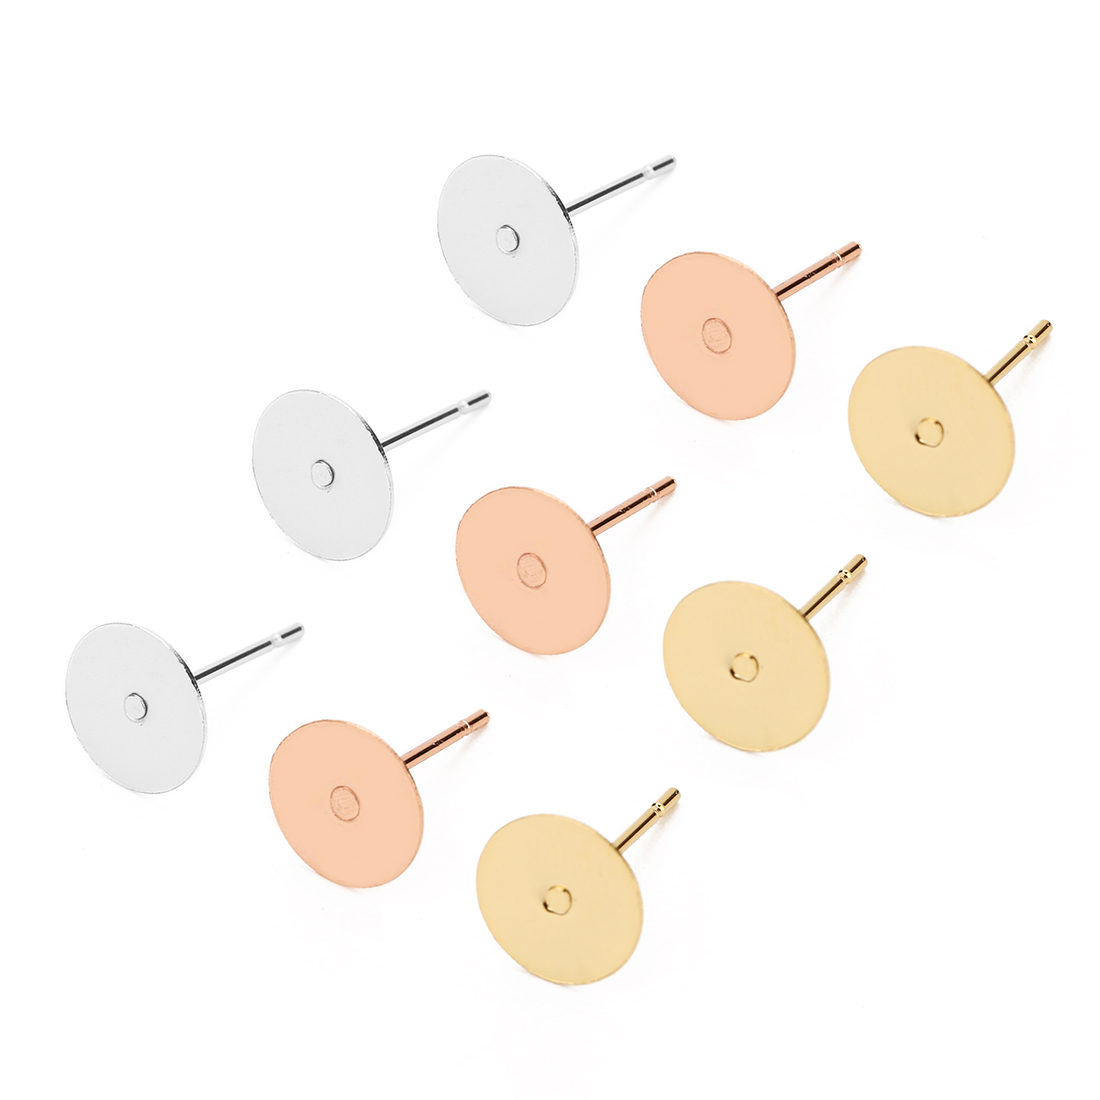 1 упаковка, серьги-гвоздики из хирургической нержавеющей стали 316L с 3 мм, 4 мм, 5 мм, 6 мм, 8 мм